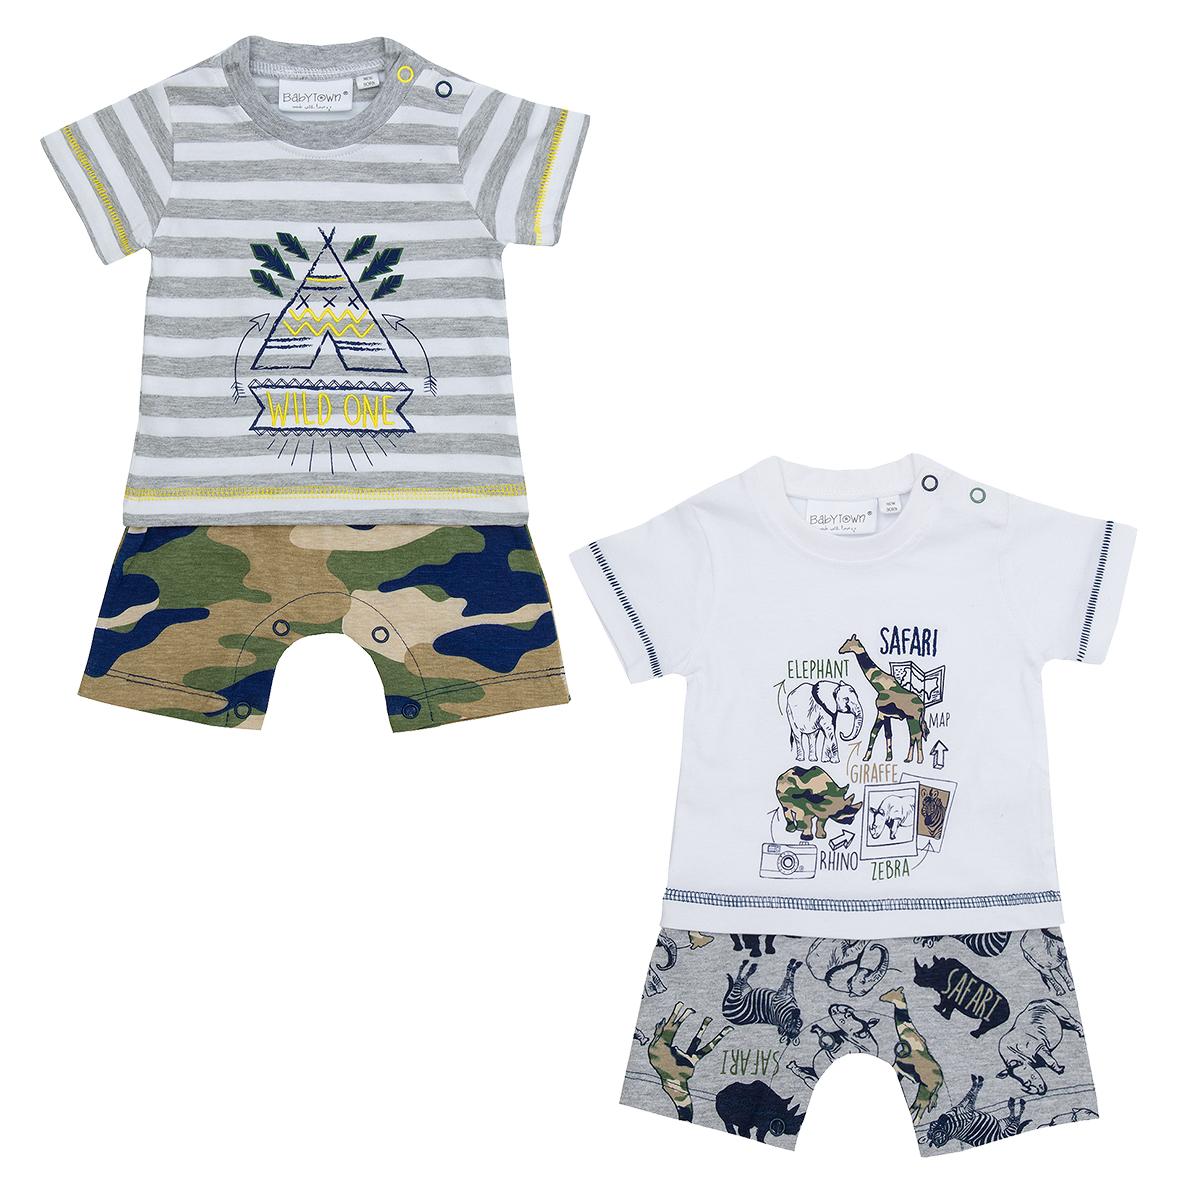 331f9d3b8 Baby Boys Safari Print Romper Suit Cotton Rich Summer Clothes ...